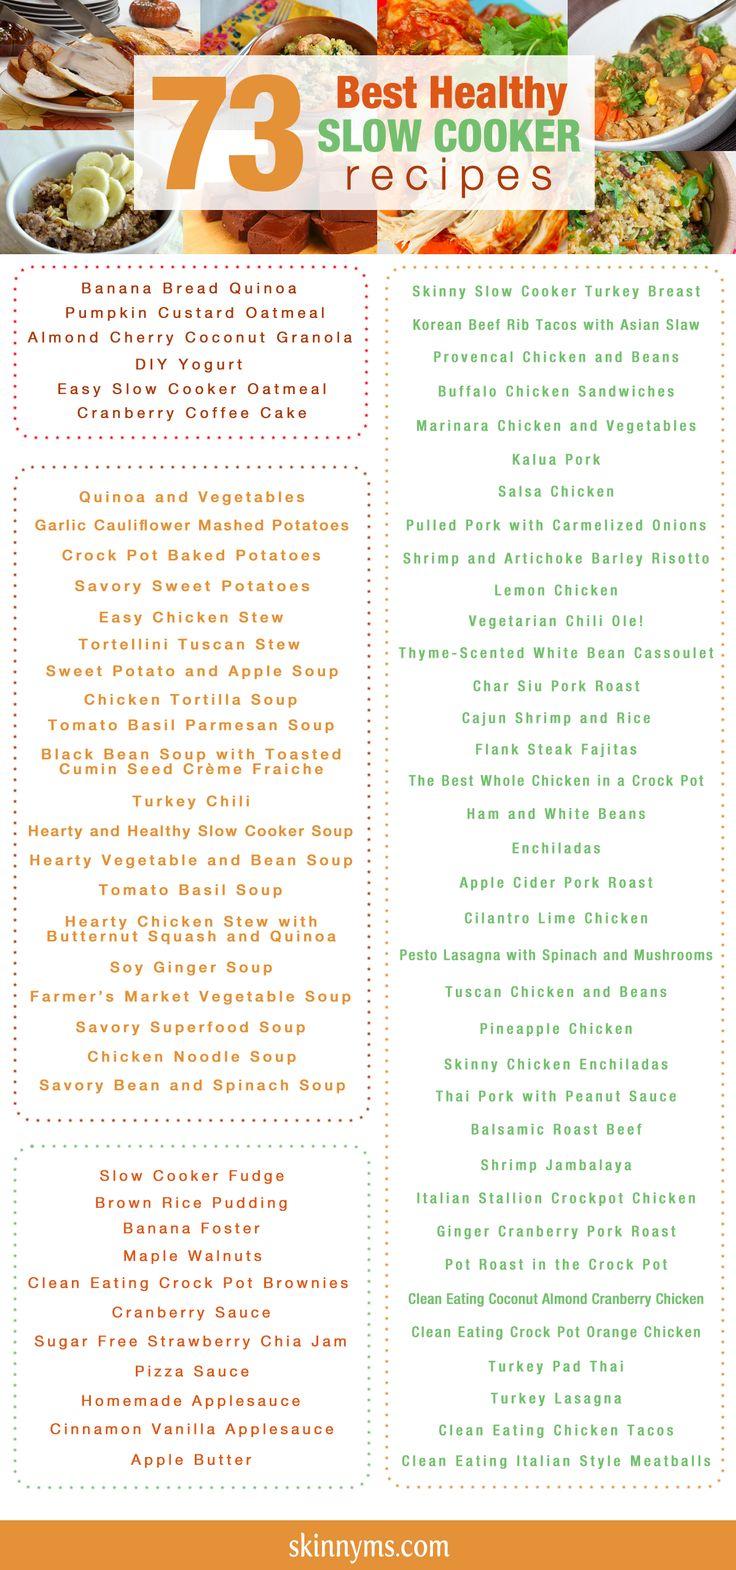 73 Best Healthy Crock Pot Recipes.